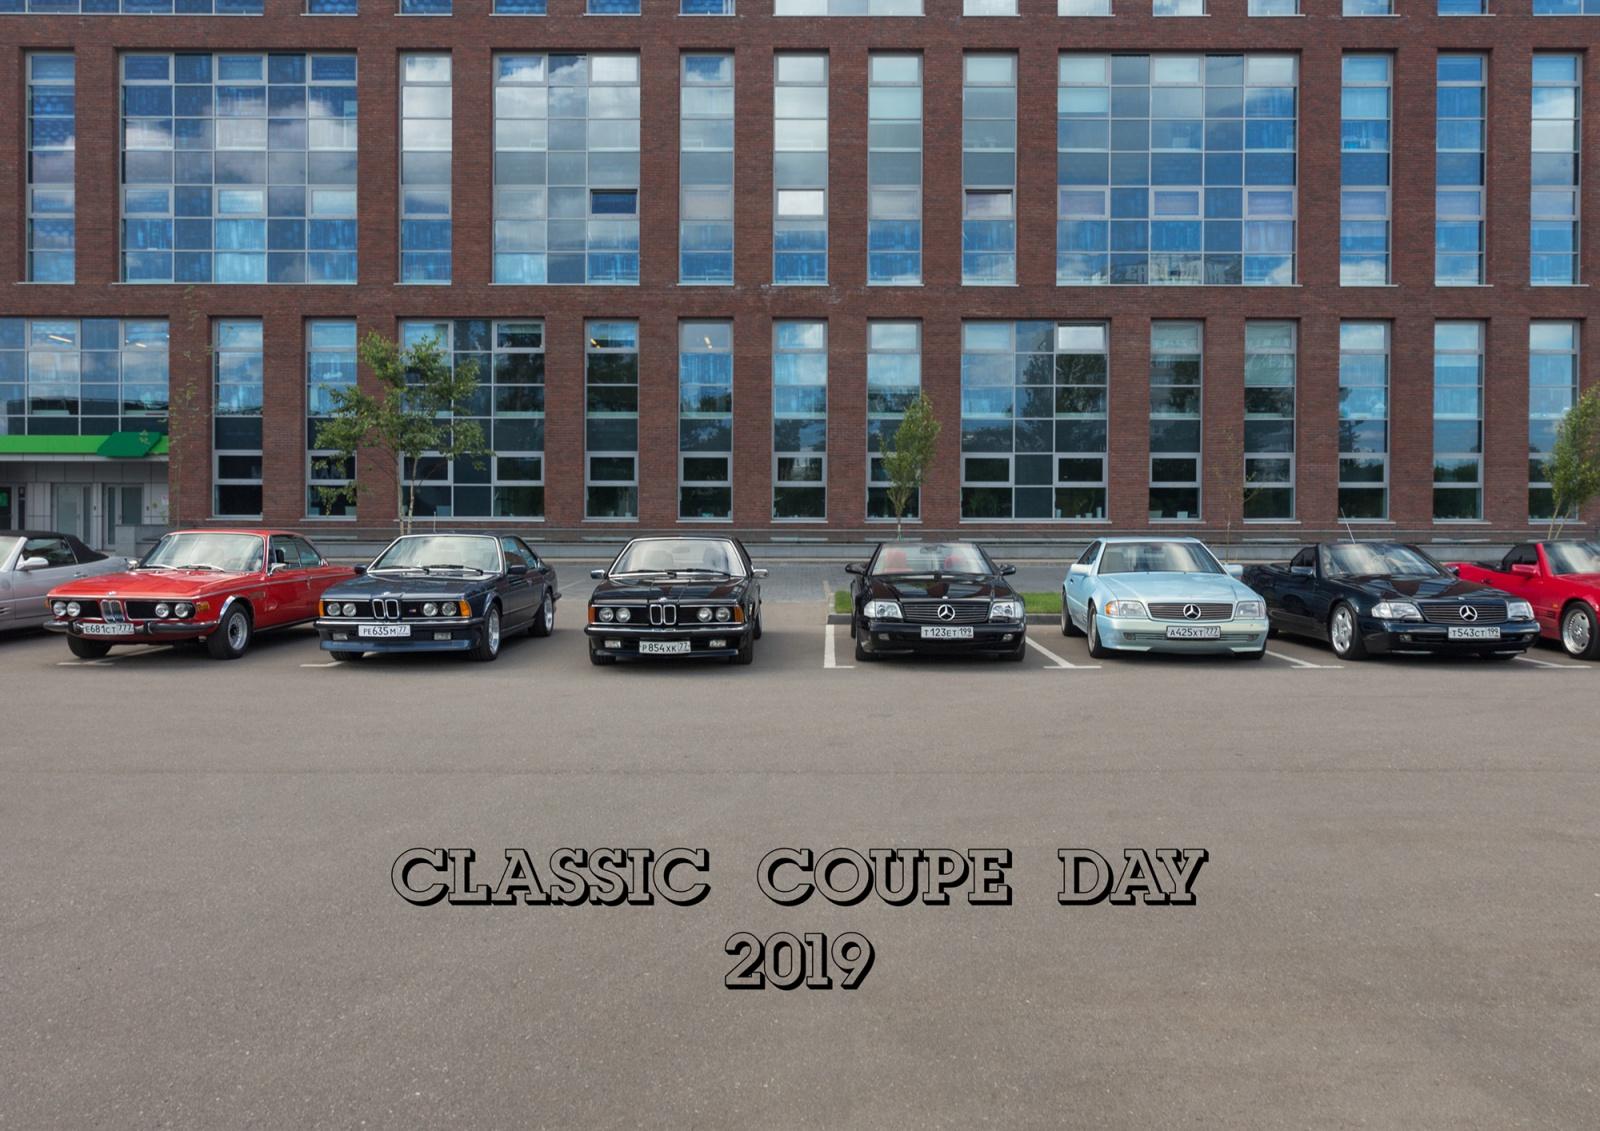 Название: CALENDAR A3 Classik coupe day-2019-x6_FINAL-nor-1.jpg Просмотров: 147  Размер: 591.2 Кб